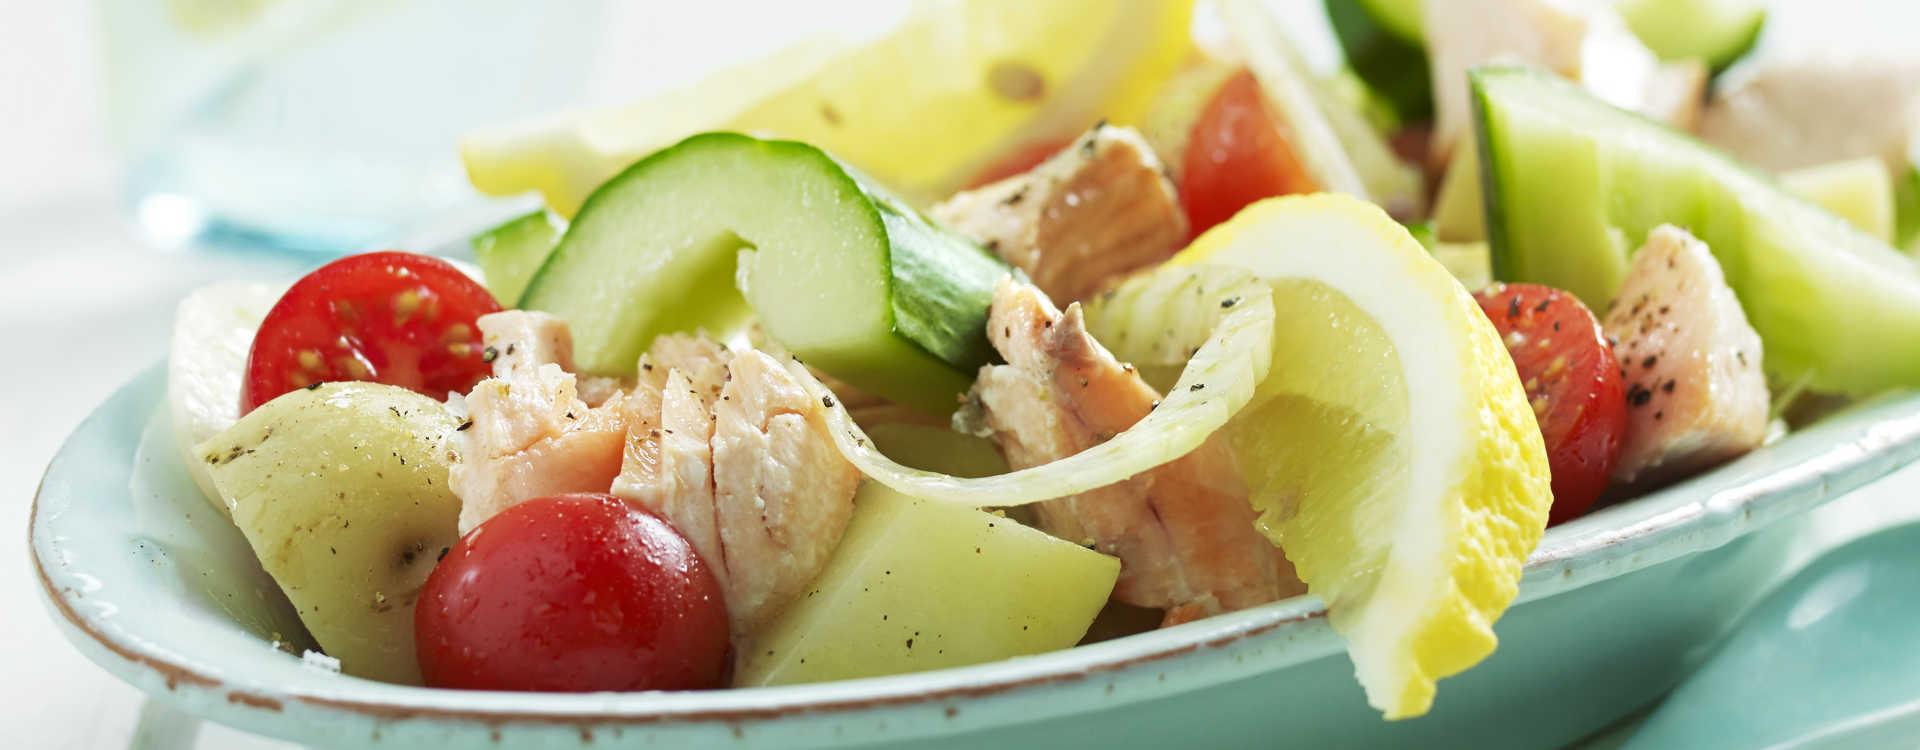 Laks med potet- og fennikelsalat